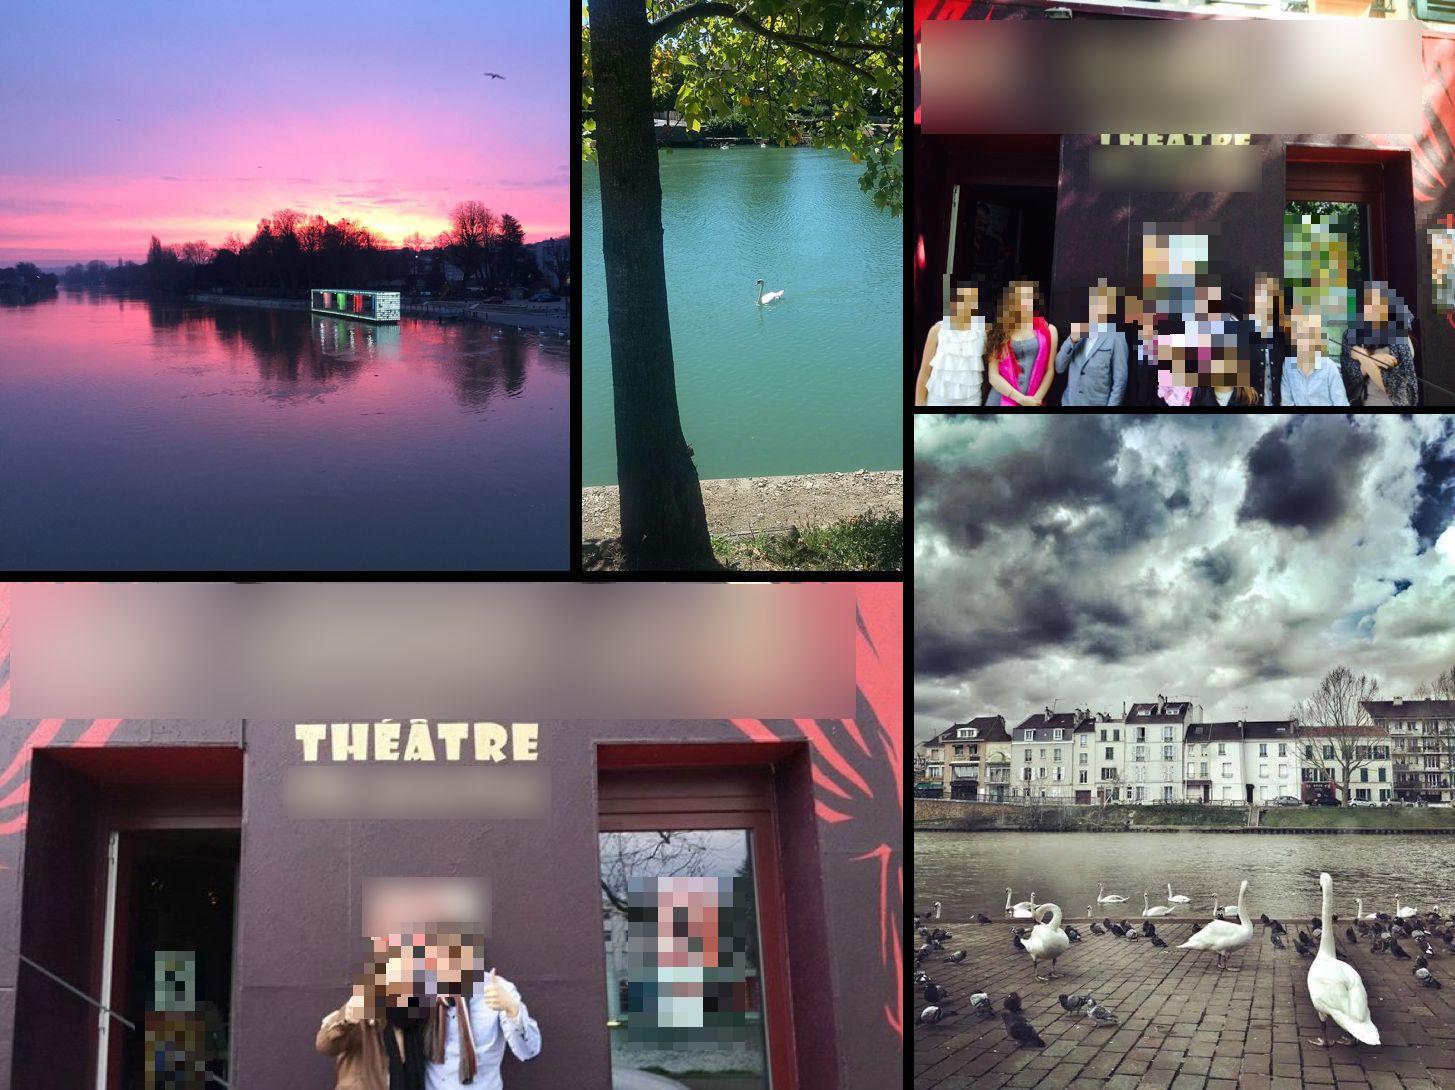 Vente Théâtre ou développement personnel avec belle vue sur la Marne